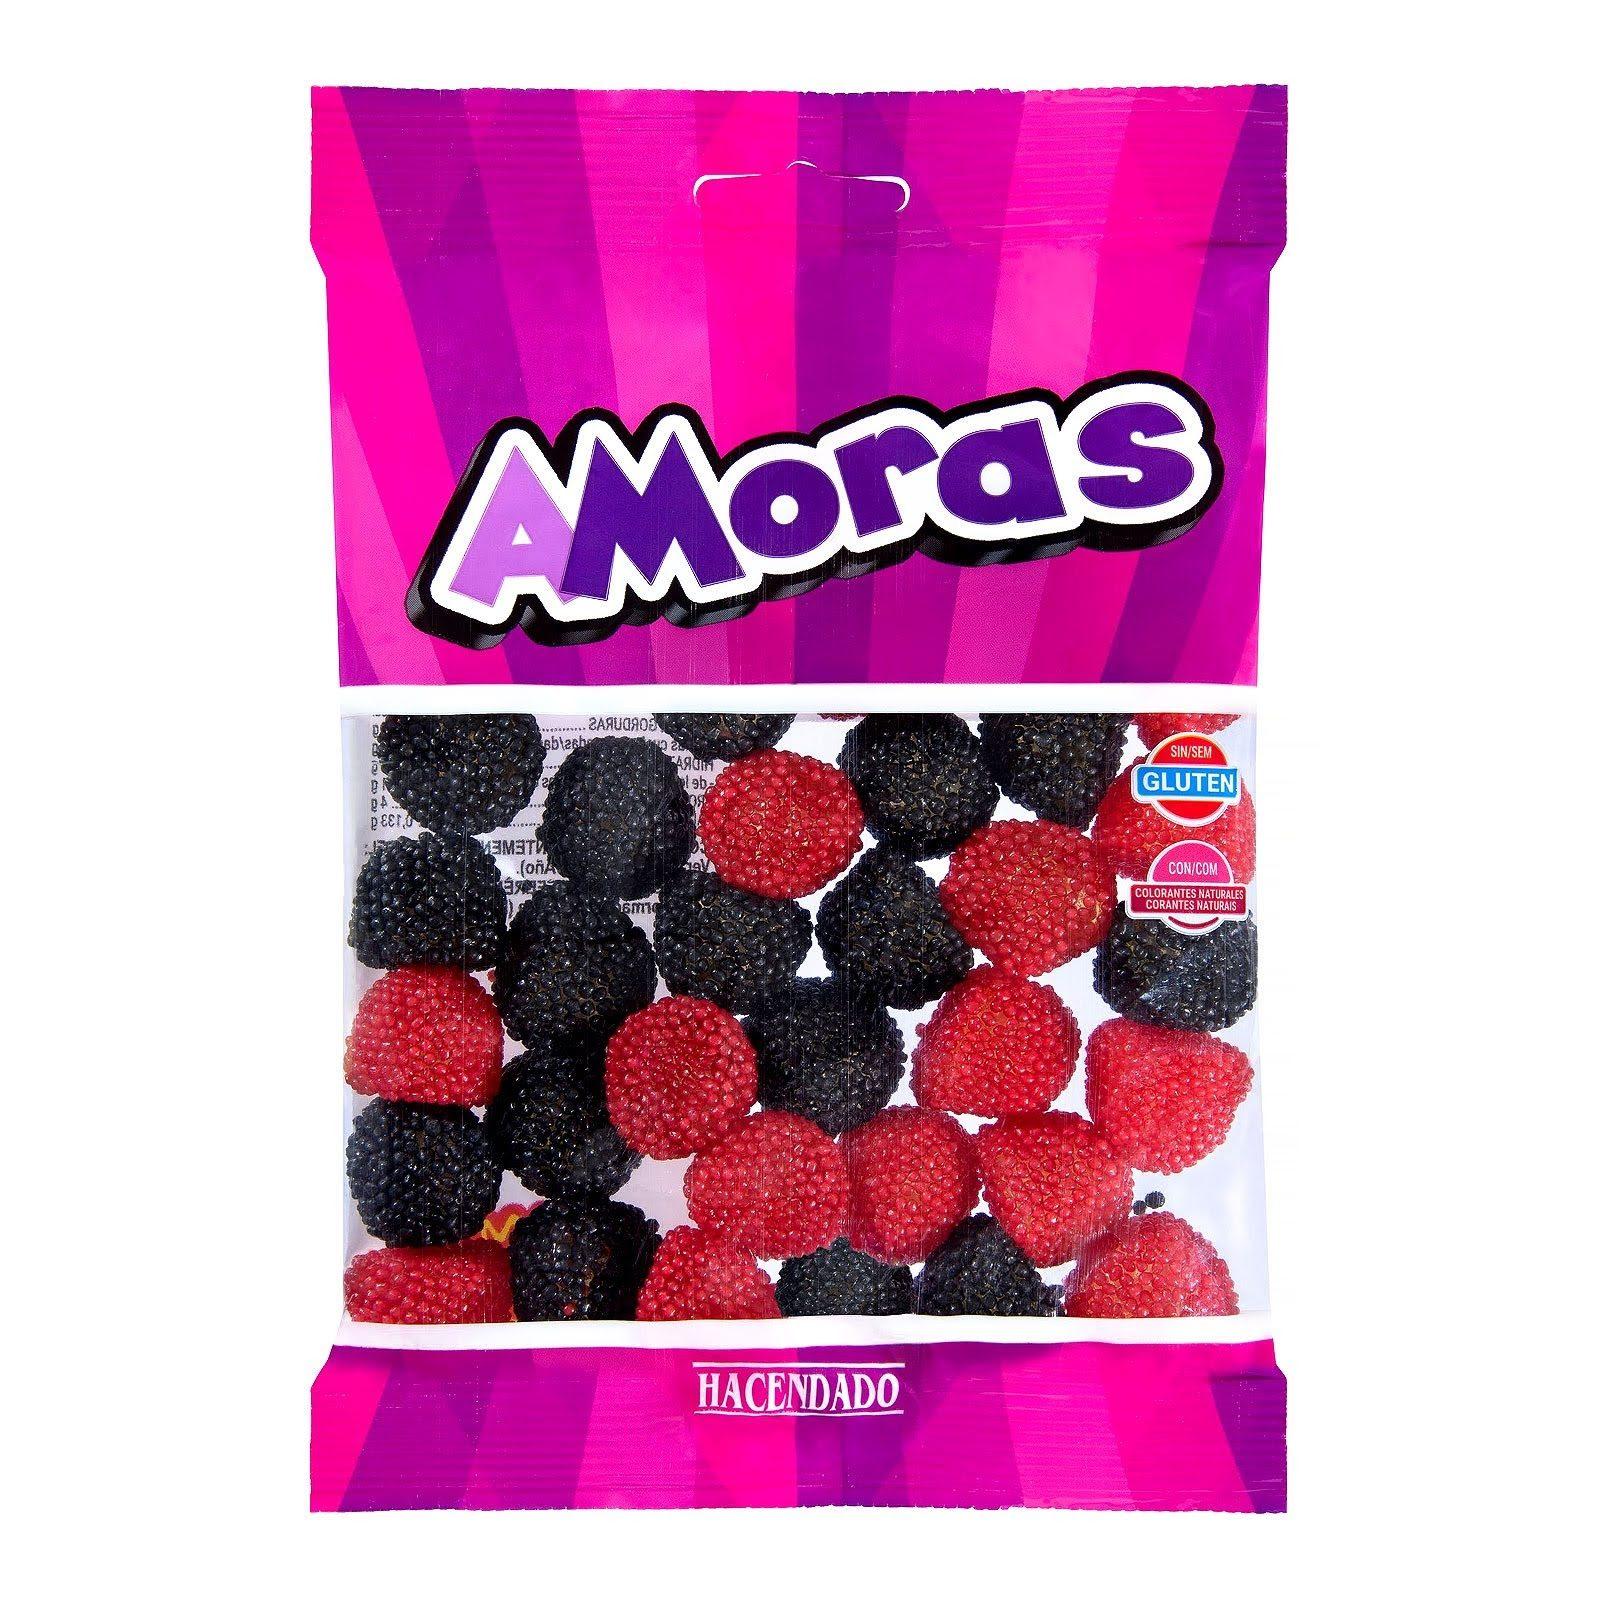 golosinas-negras-y-rojas-con-bolitas-de-azucar-moras-hacendado-mercadona-1-1529382